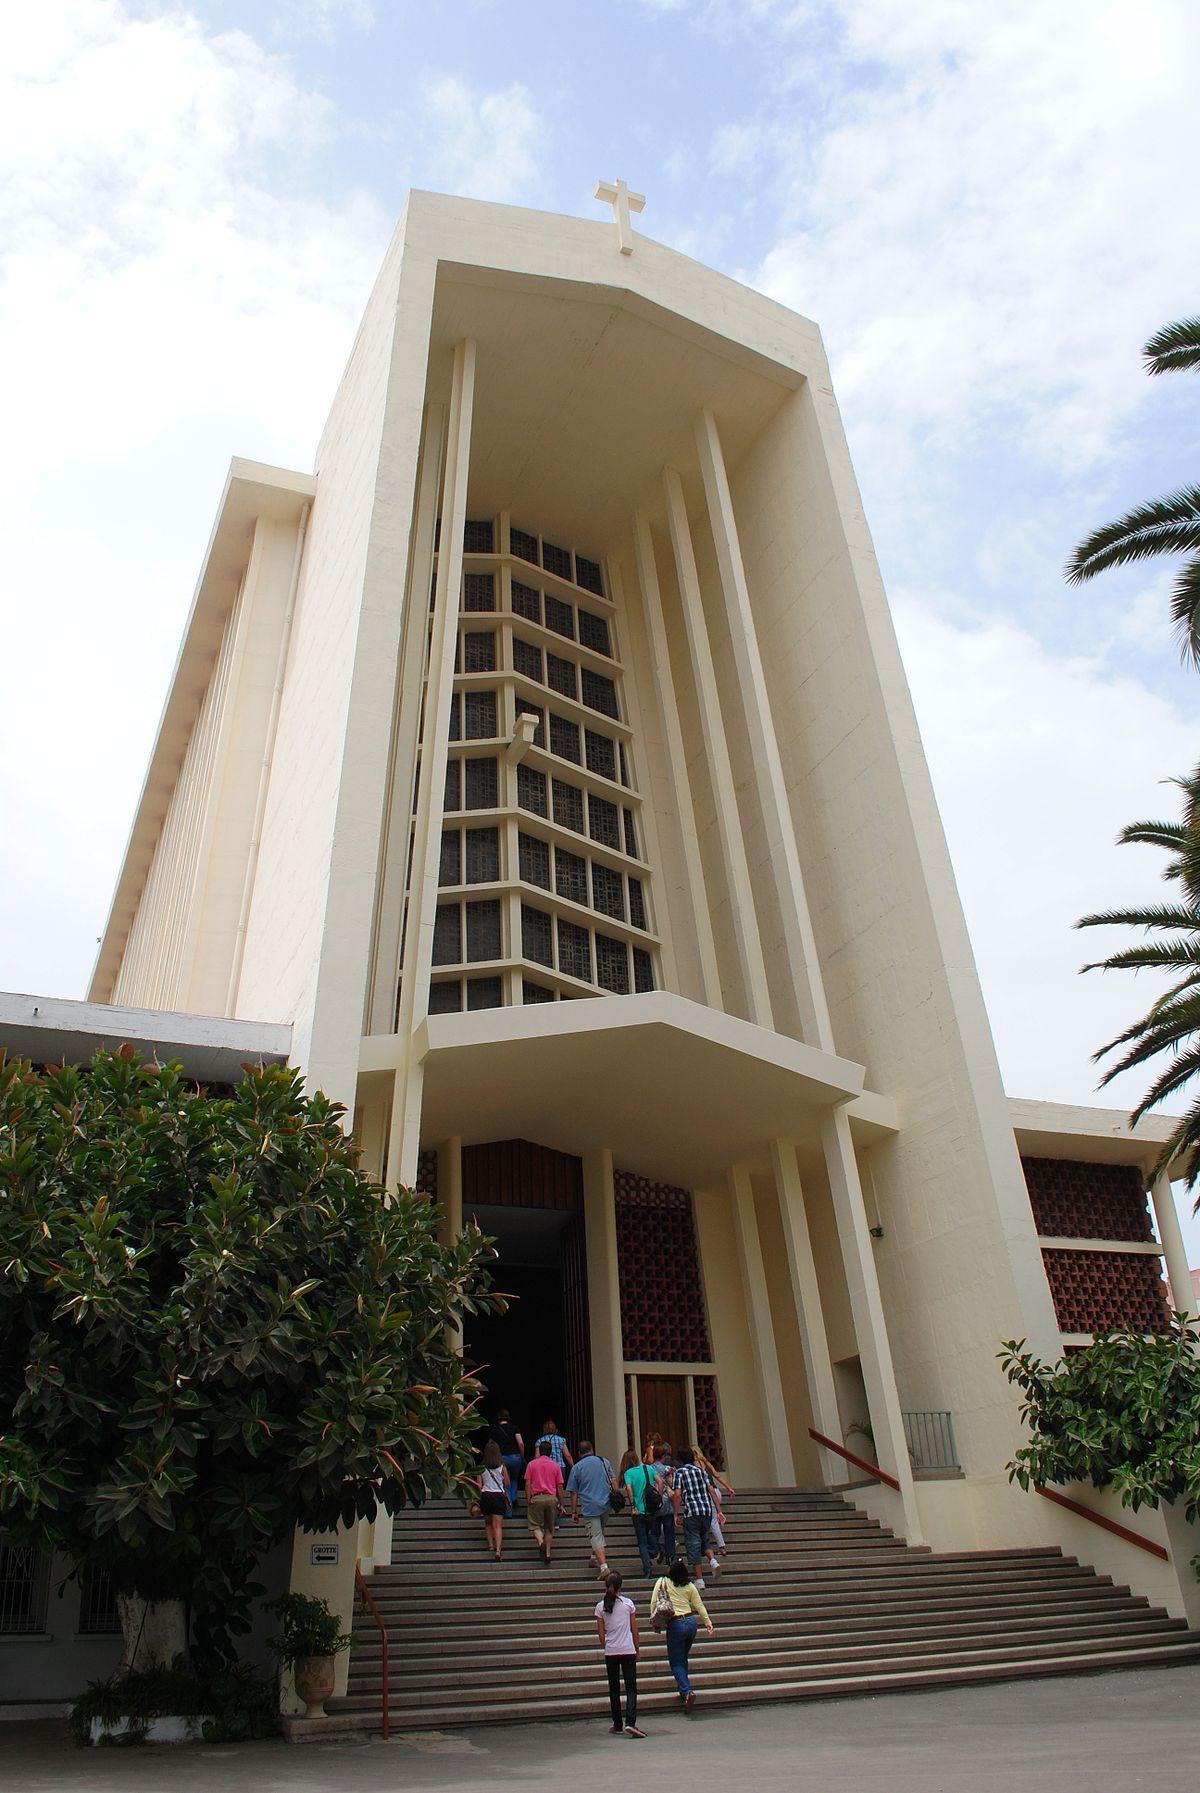 1200px Eglise N.D. de Lourdes%2C Casablanca%2C Dioc%C3%A8se de Rabat%2C Maroc